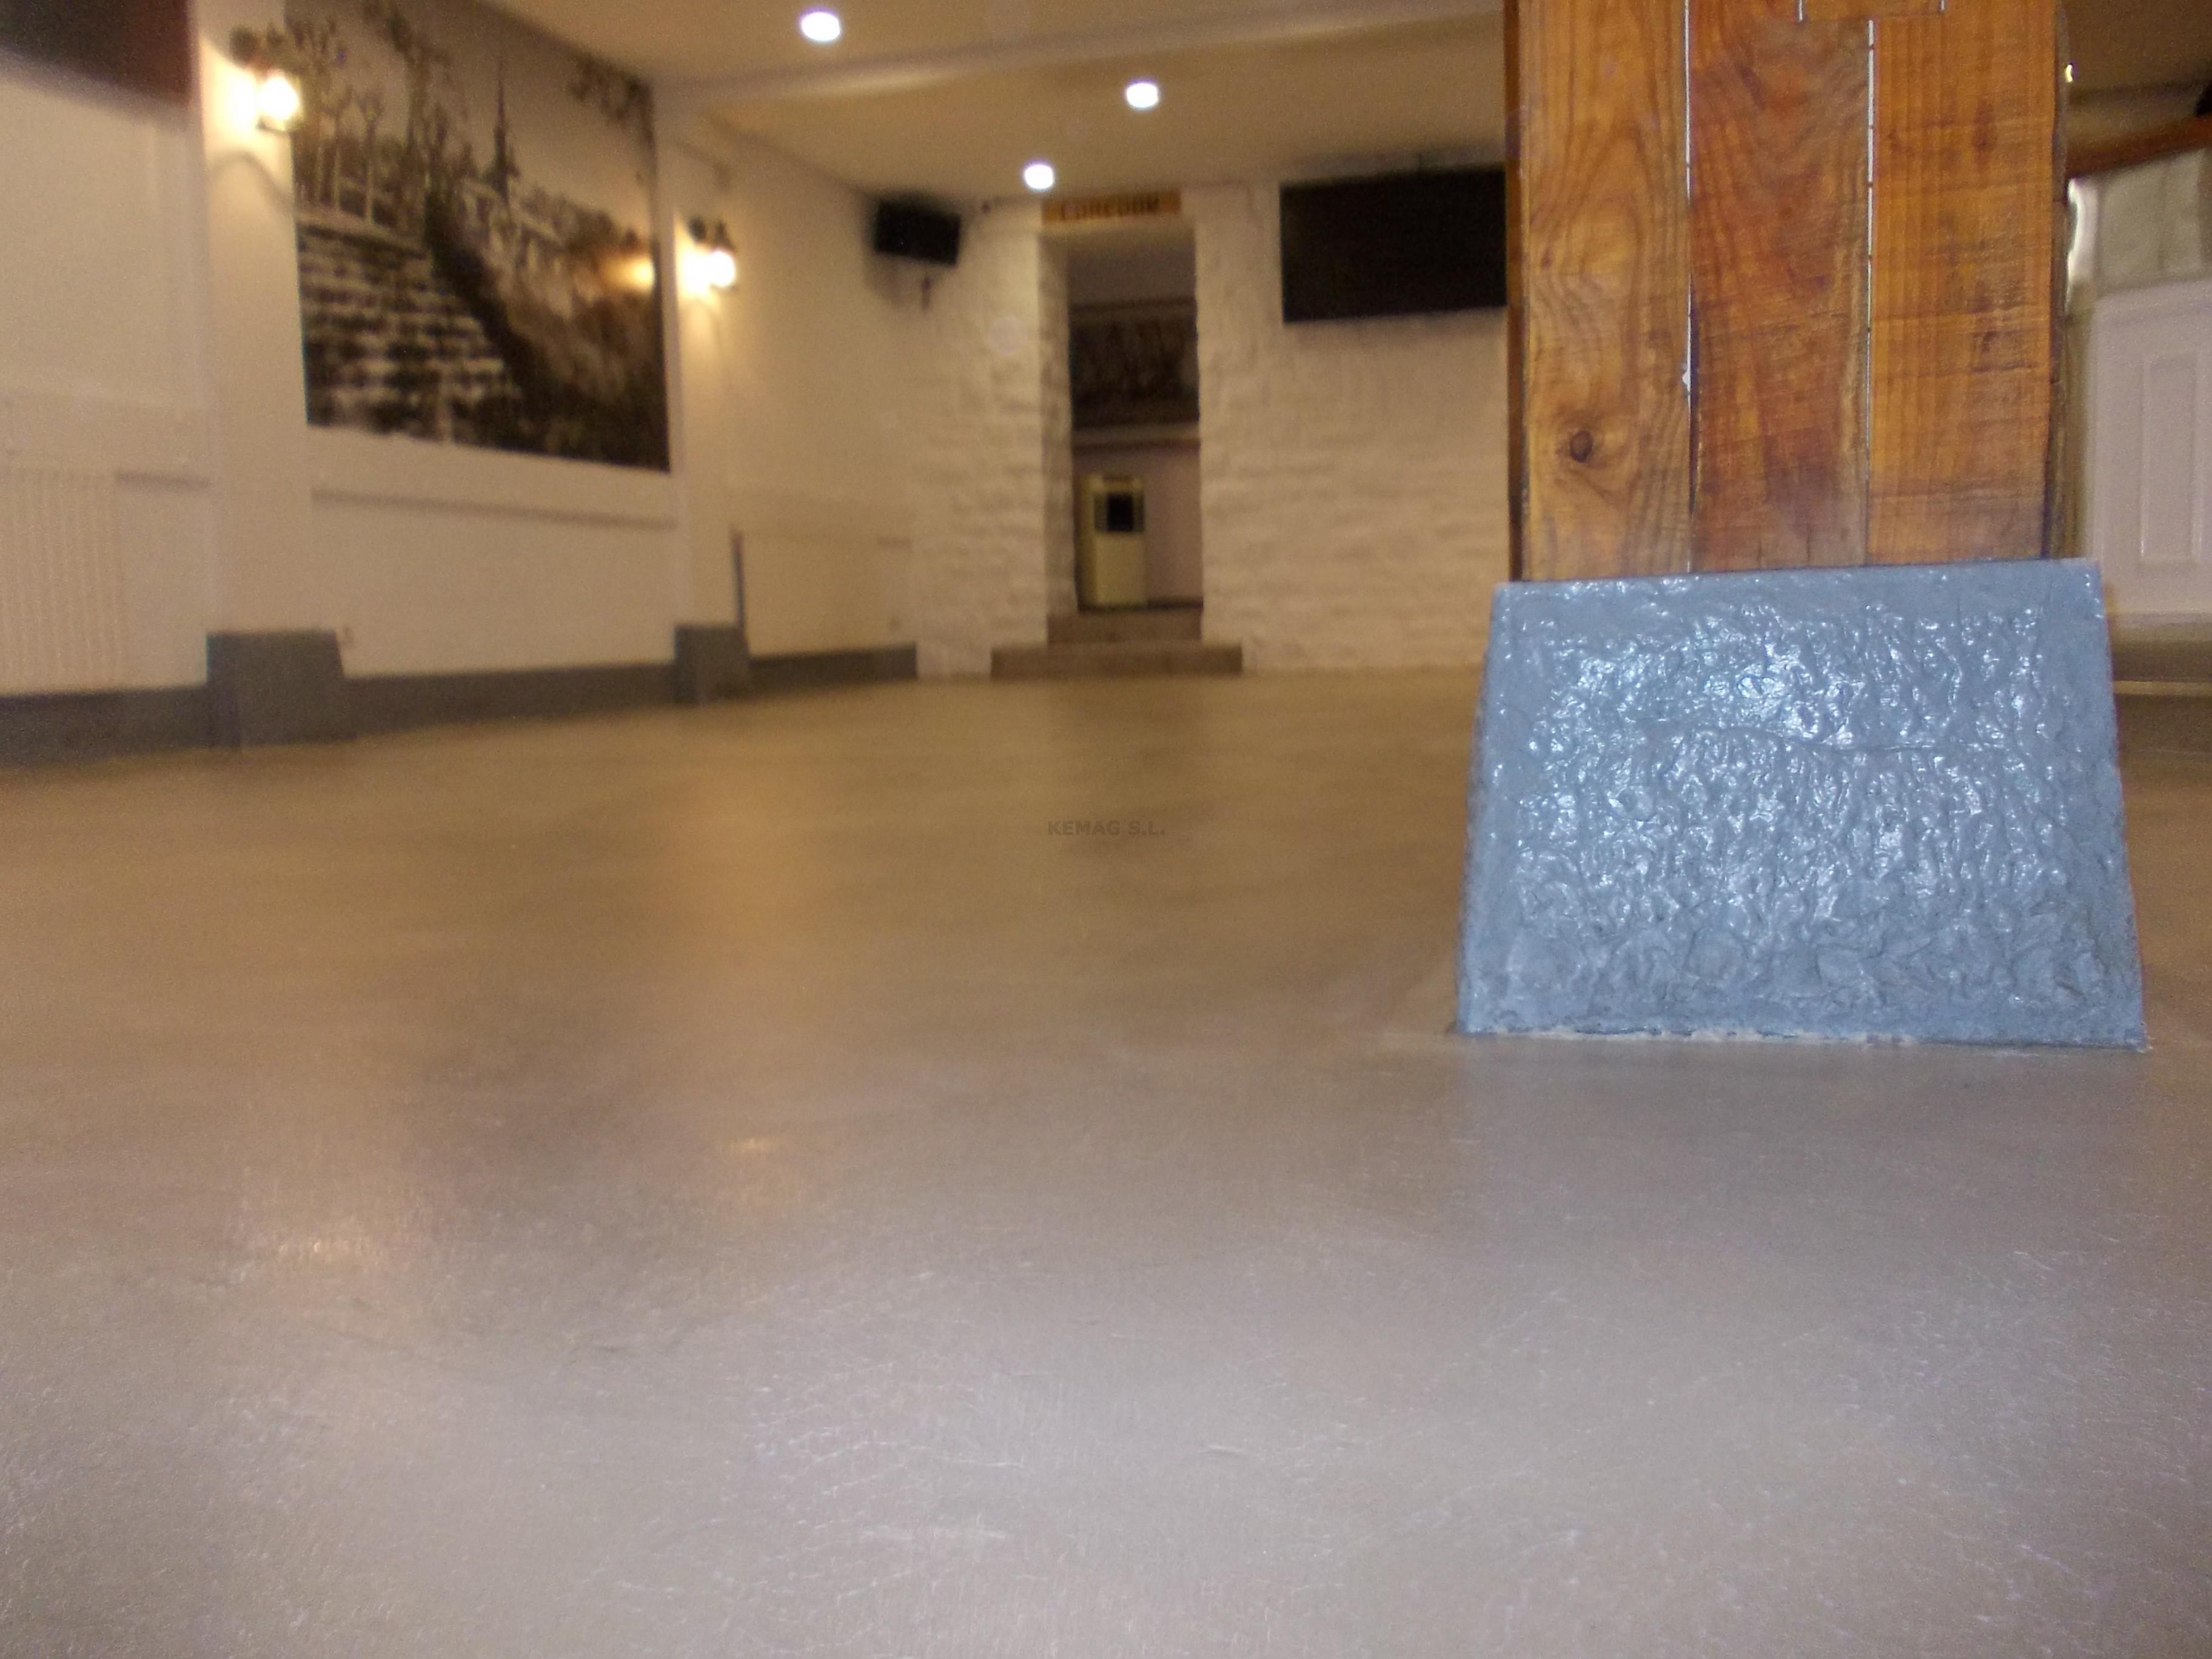 Microcemento en hondarribia guip zcoa kemag pavimentos - Pavimento de microcemento ...